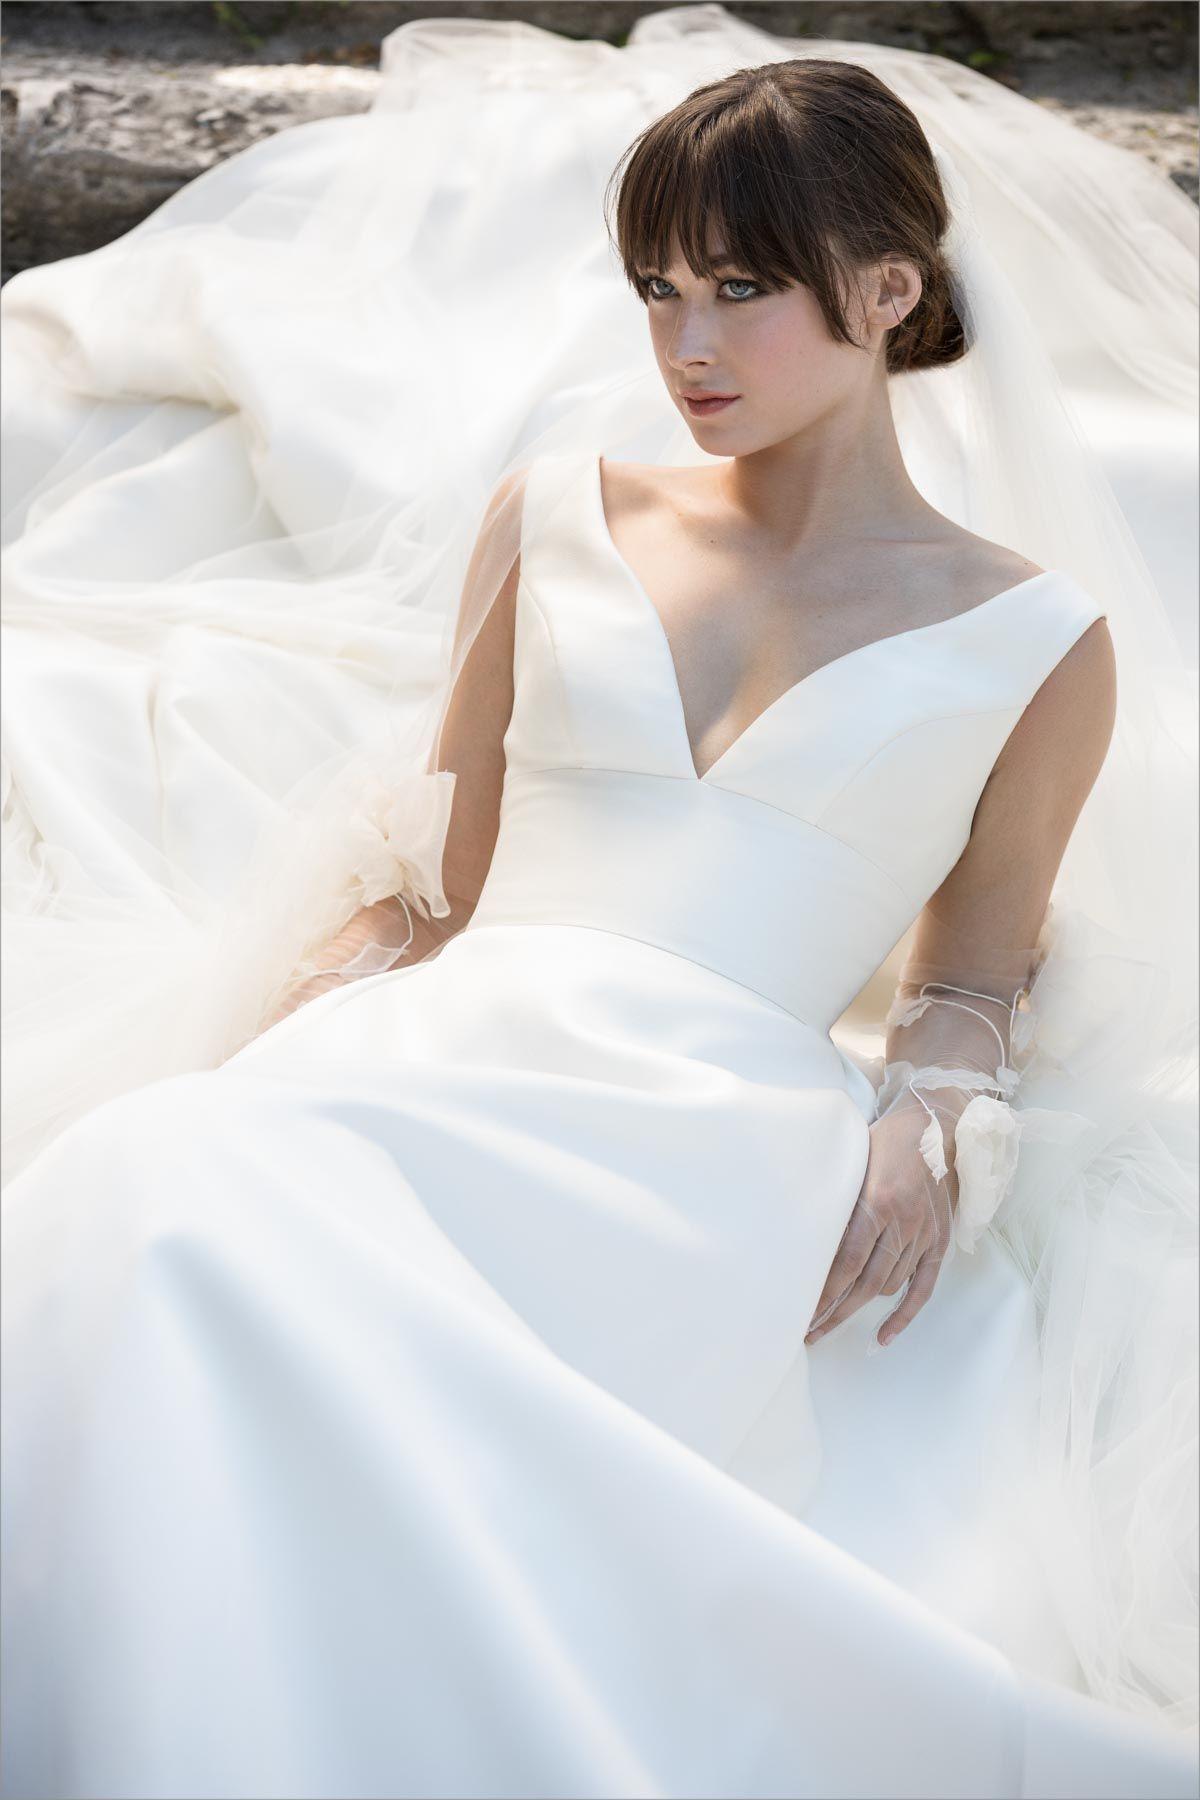 Groß Brautkleider West Palm Beach Ideen - Brautkleider Ideen ...